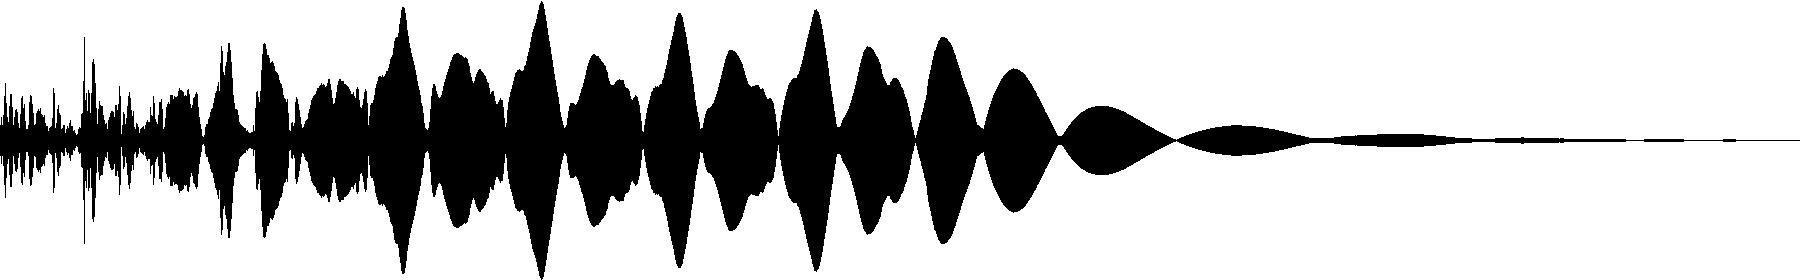 veh2 synths   112 c